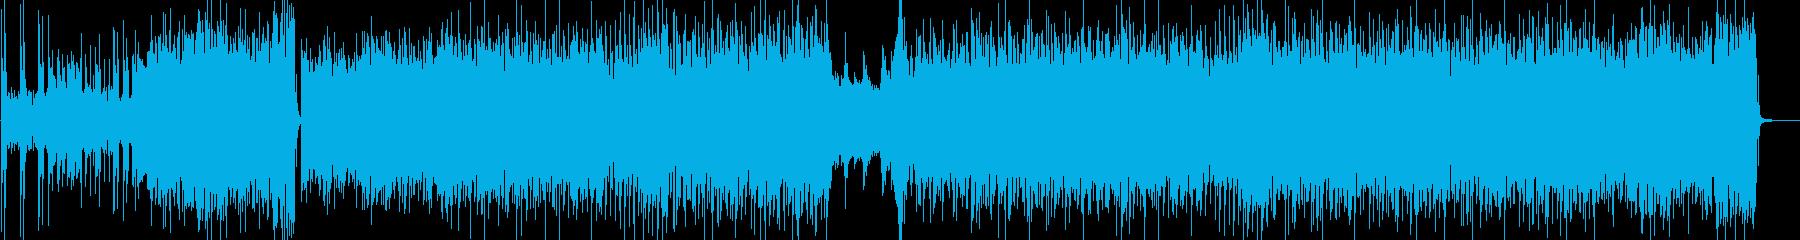 ピアノオーケストラBGMポップ映像にの再生済みの波形